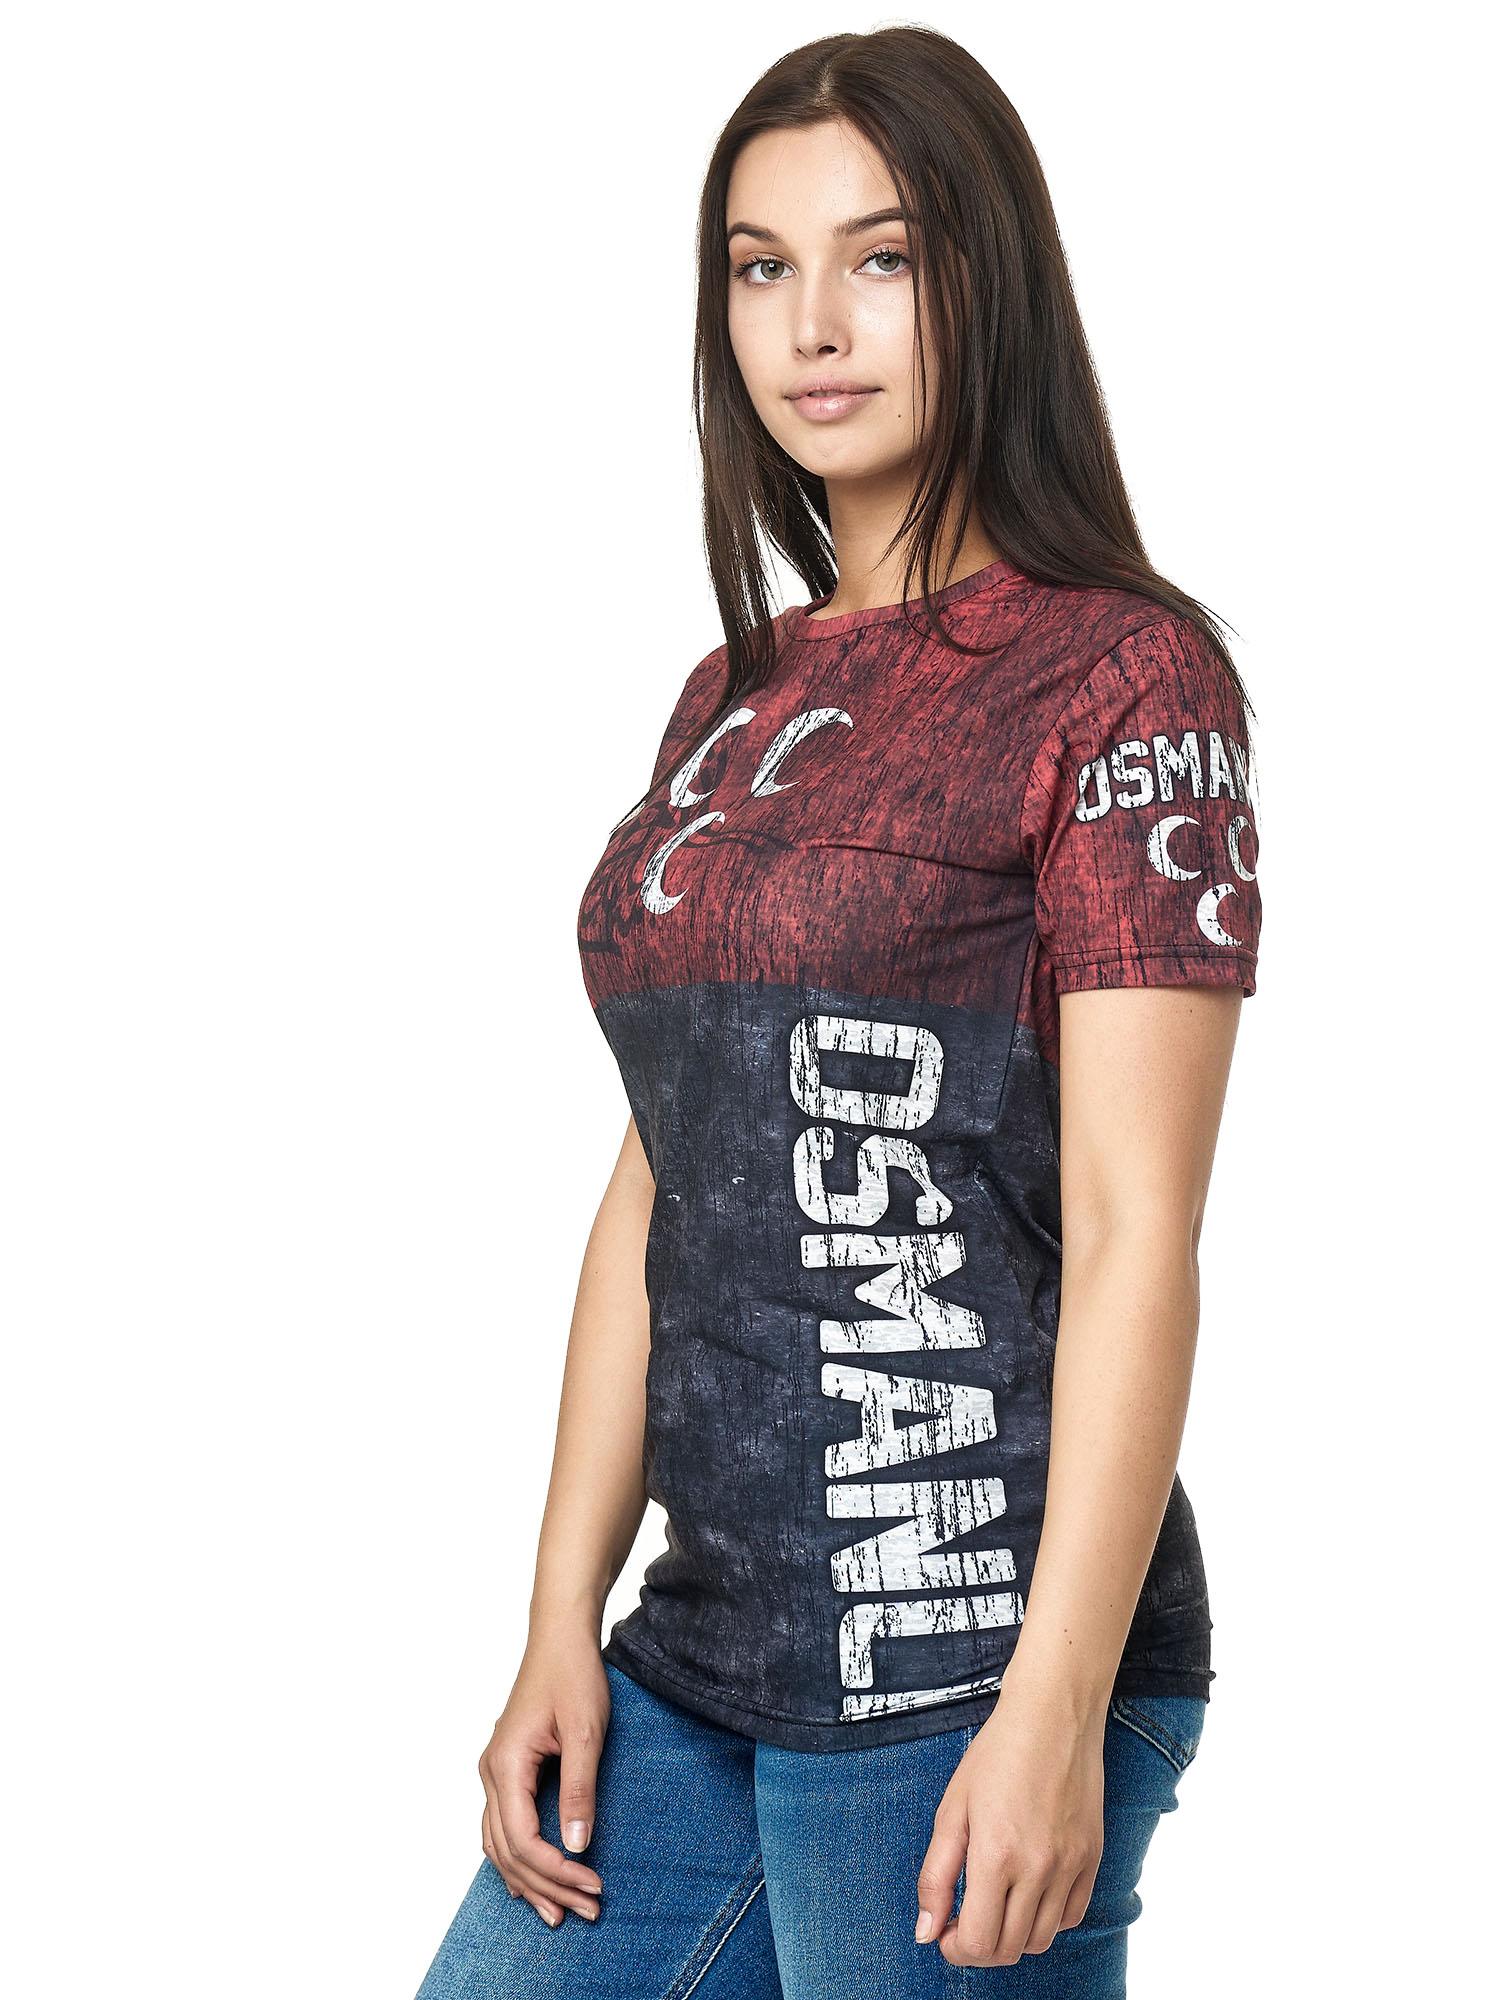 Paesi-da-Donna-T-shirt-A-Maniche-Corte-Girocollo-donne-CALCIO-Fanshirt-John-Kayna miniatura 82